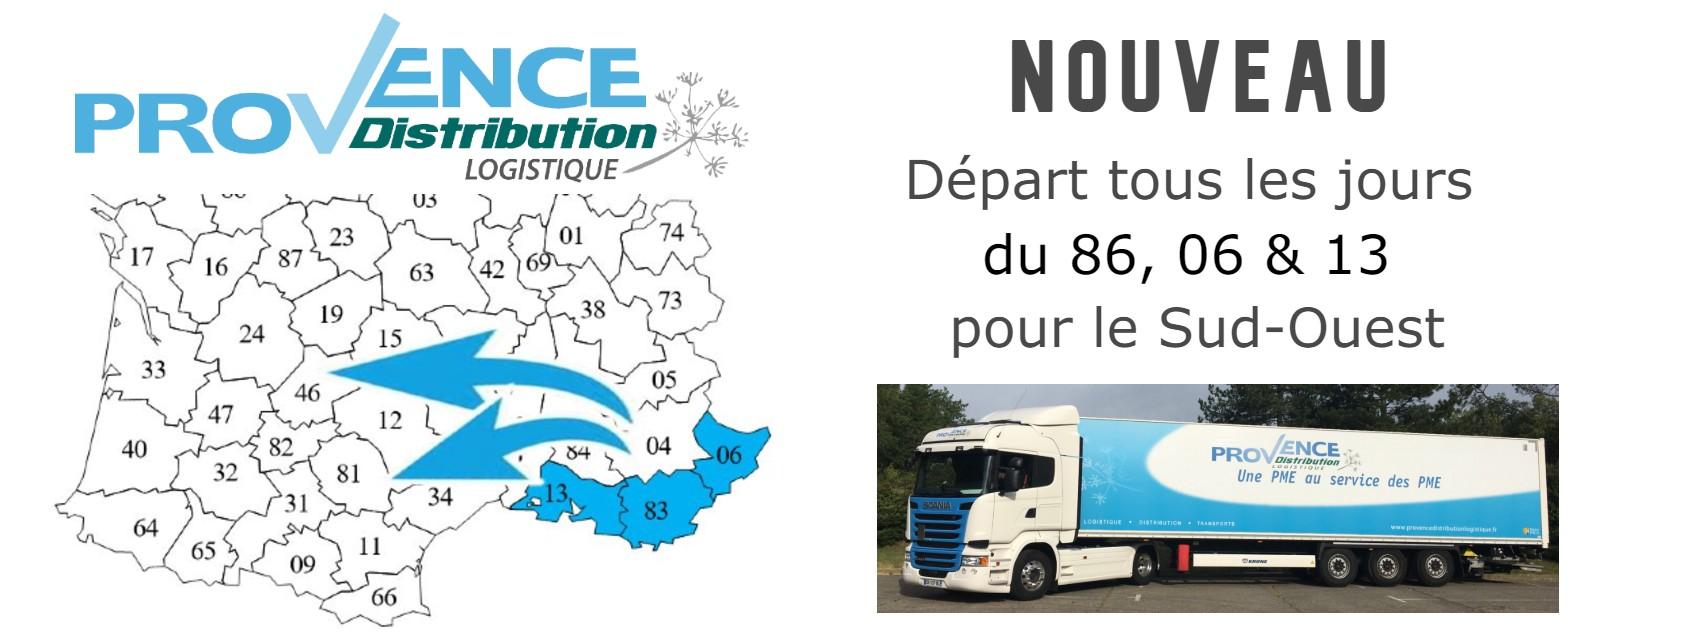 Provence Distribution Logistique nouvelles lignes quotidiennes pour le Sud-Ouest